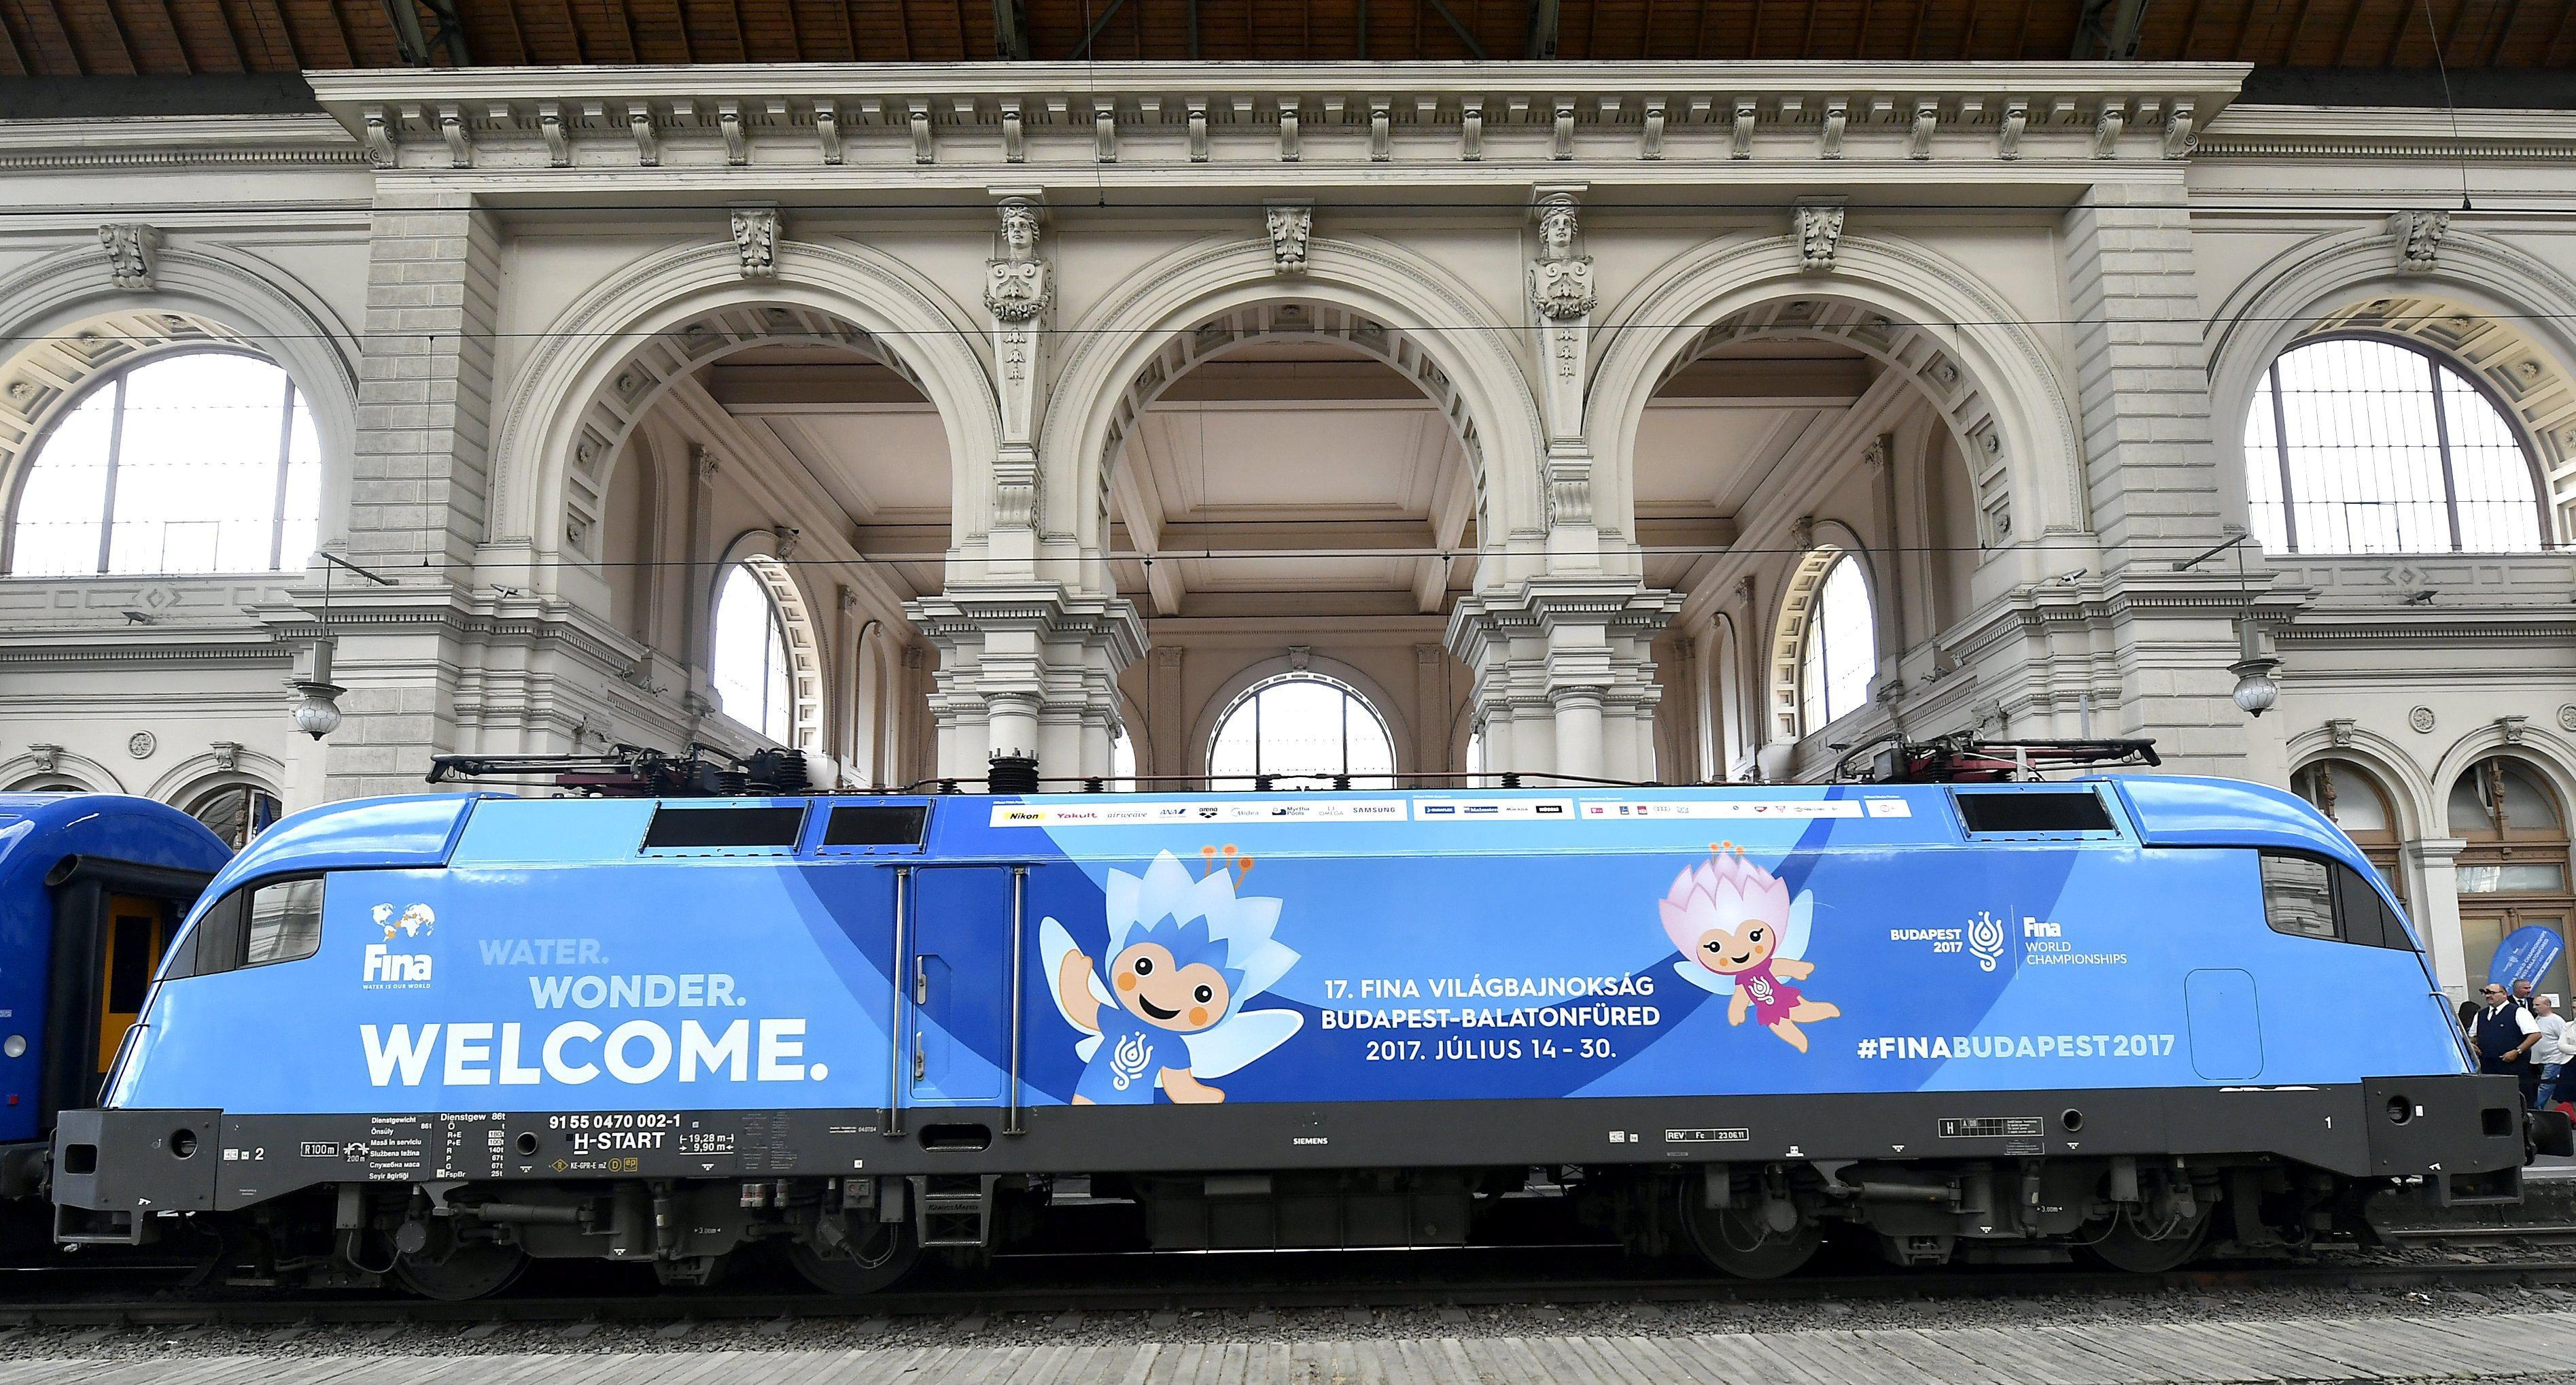 Budapest, 2017. június 12. A 17. FINA világbajnokság arculati elemeivel felmatricázott mozdony bemutatása a Keleti pályaudvaron 2017. június 12-én. MTI Fotó: Illyés Tibor